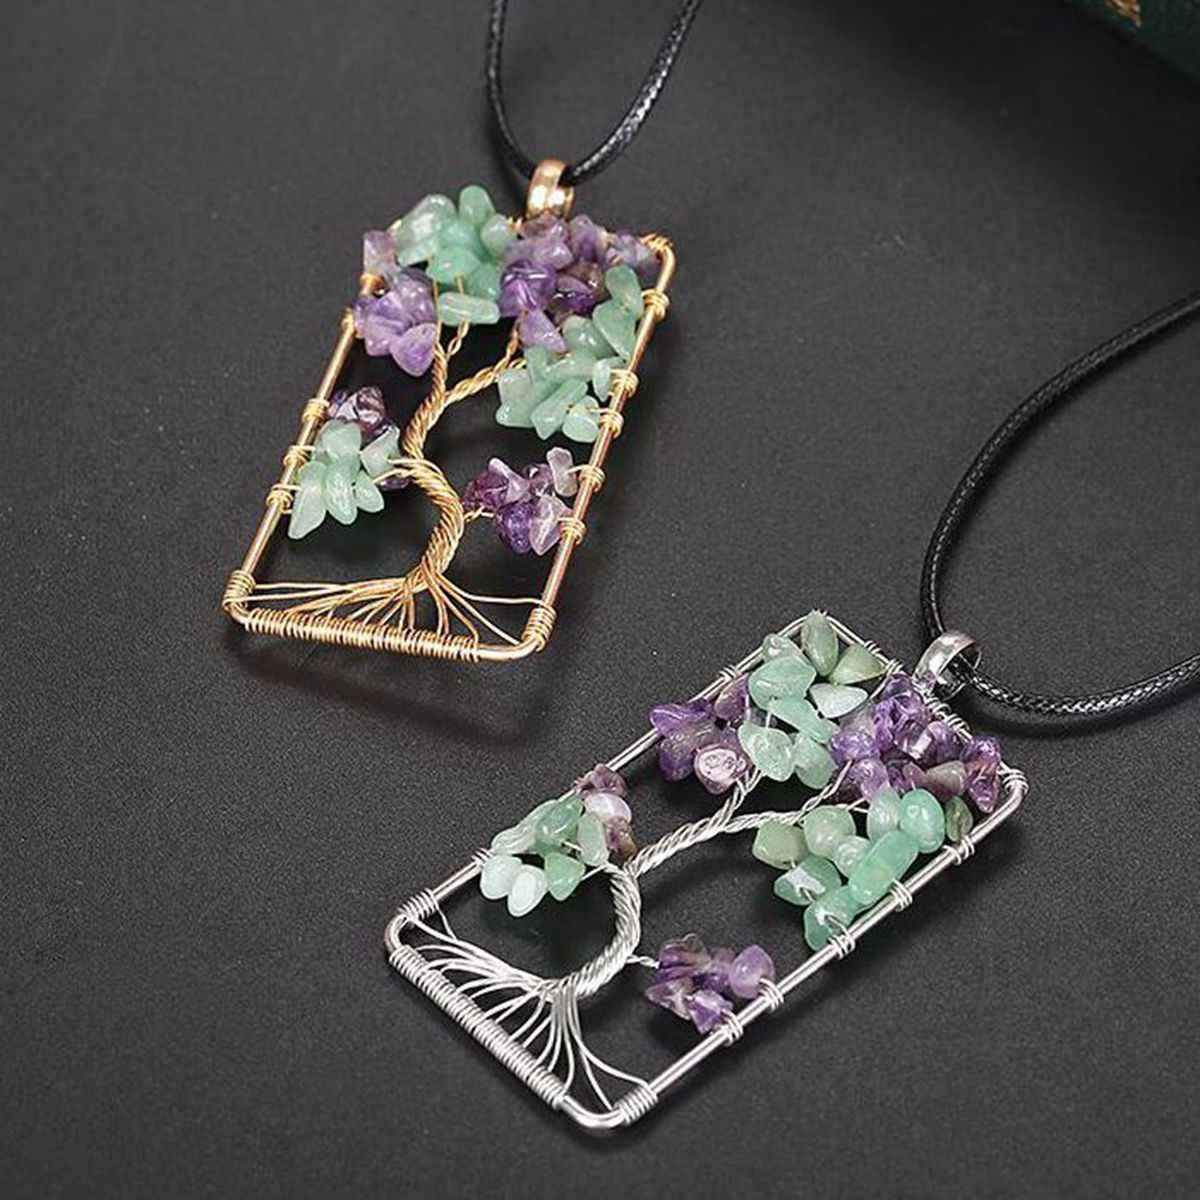 Натуральный камень, аметисты, гравий, квадратное Дерево жизни, подвеска, ожерелья для женщин и мужчин, кристалл, кварц, колье, ювелирное изделие, бохо